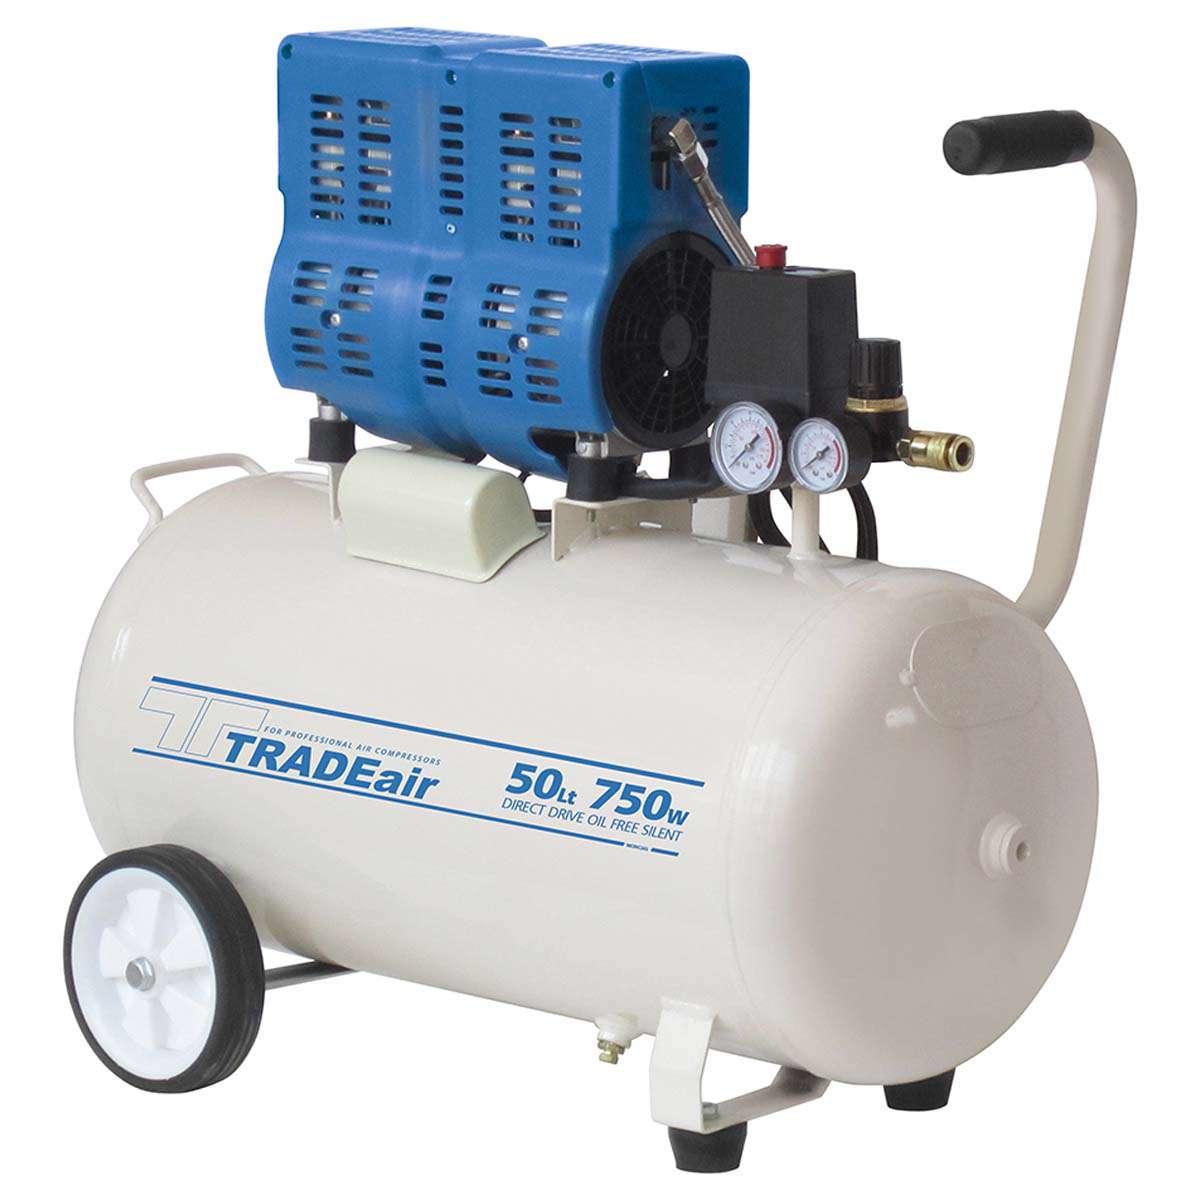 TRADEair MCFRC242-50L750W Silent & Oil Free Compressor (11292)